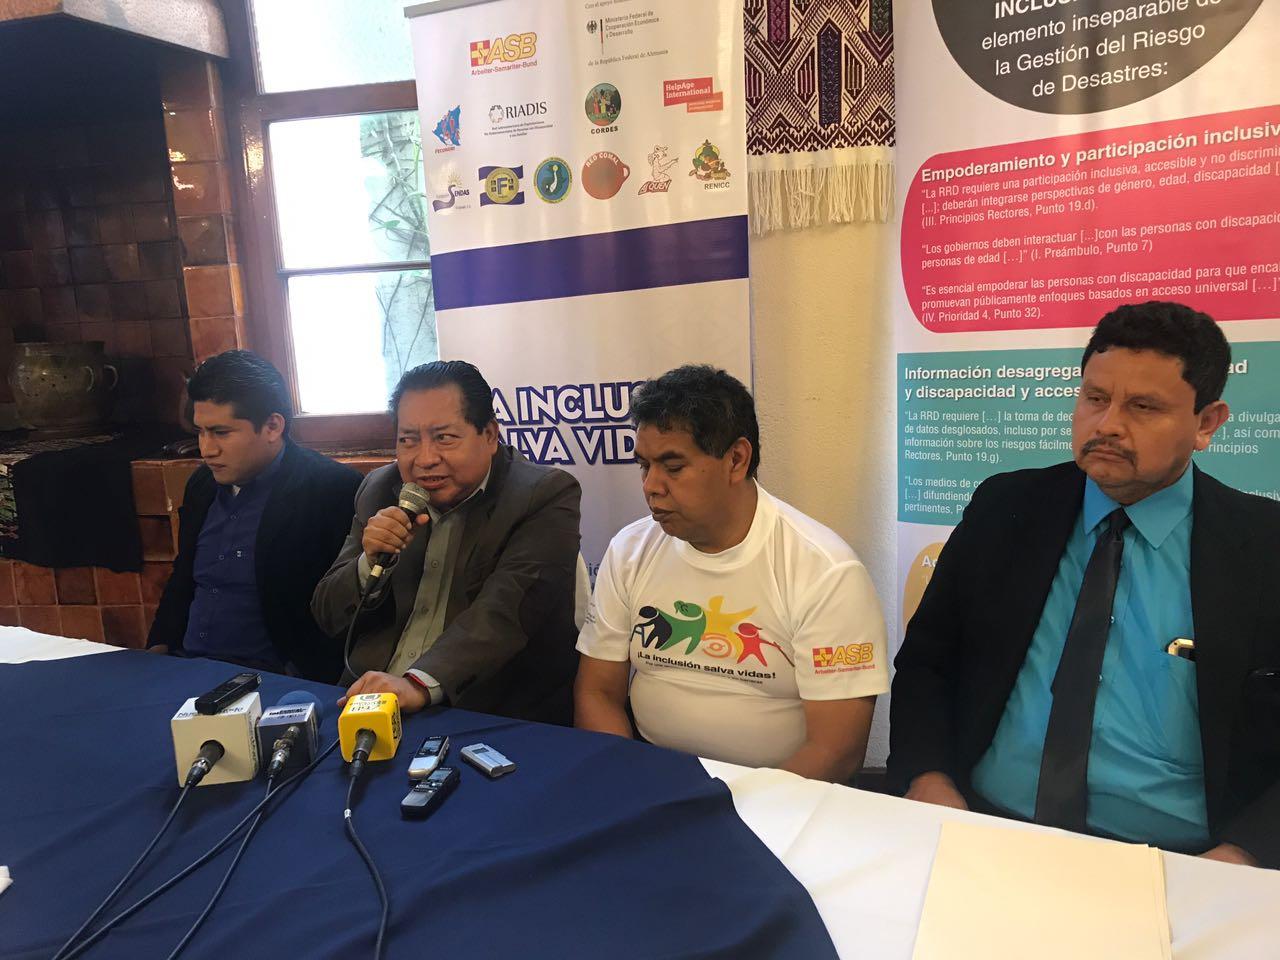 Asociación busca inclusión de ciegos y adultos en gestión de riesgos ante desastres